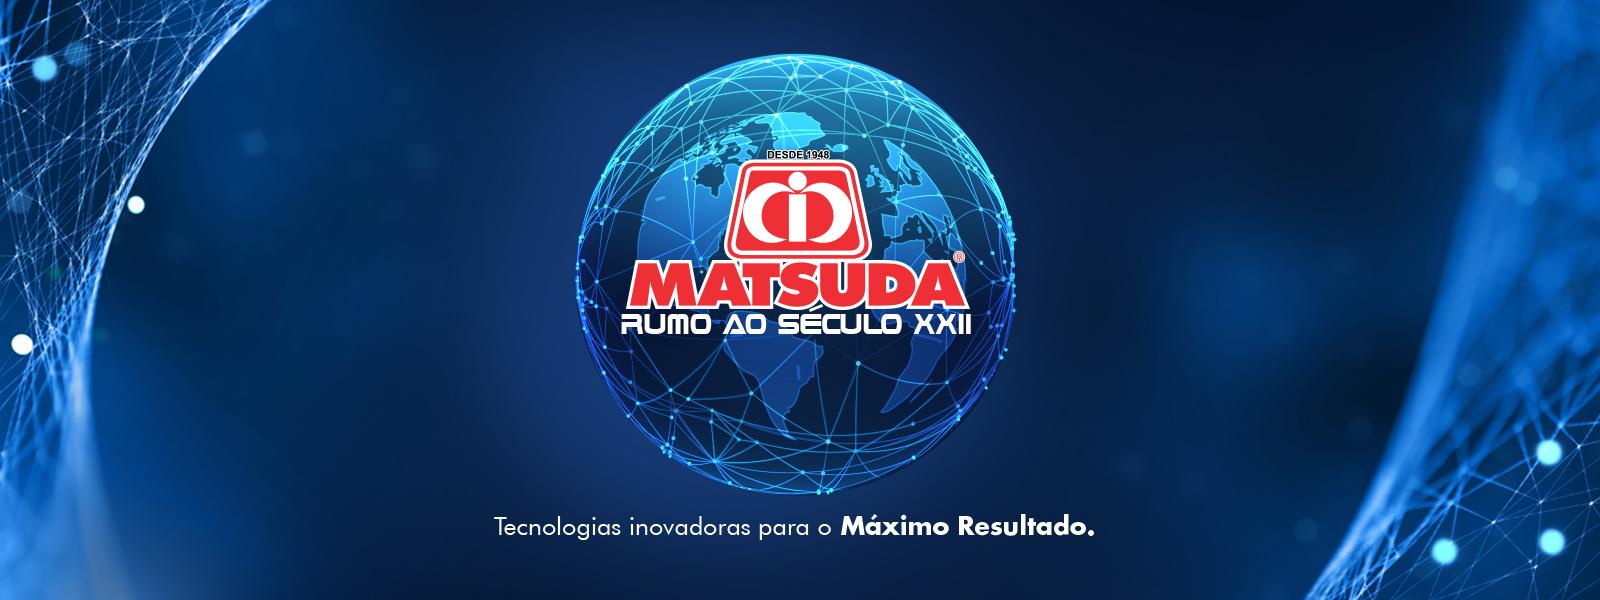 Matsuda - Rumo ao século XXI